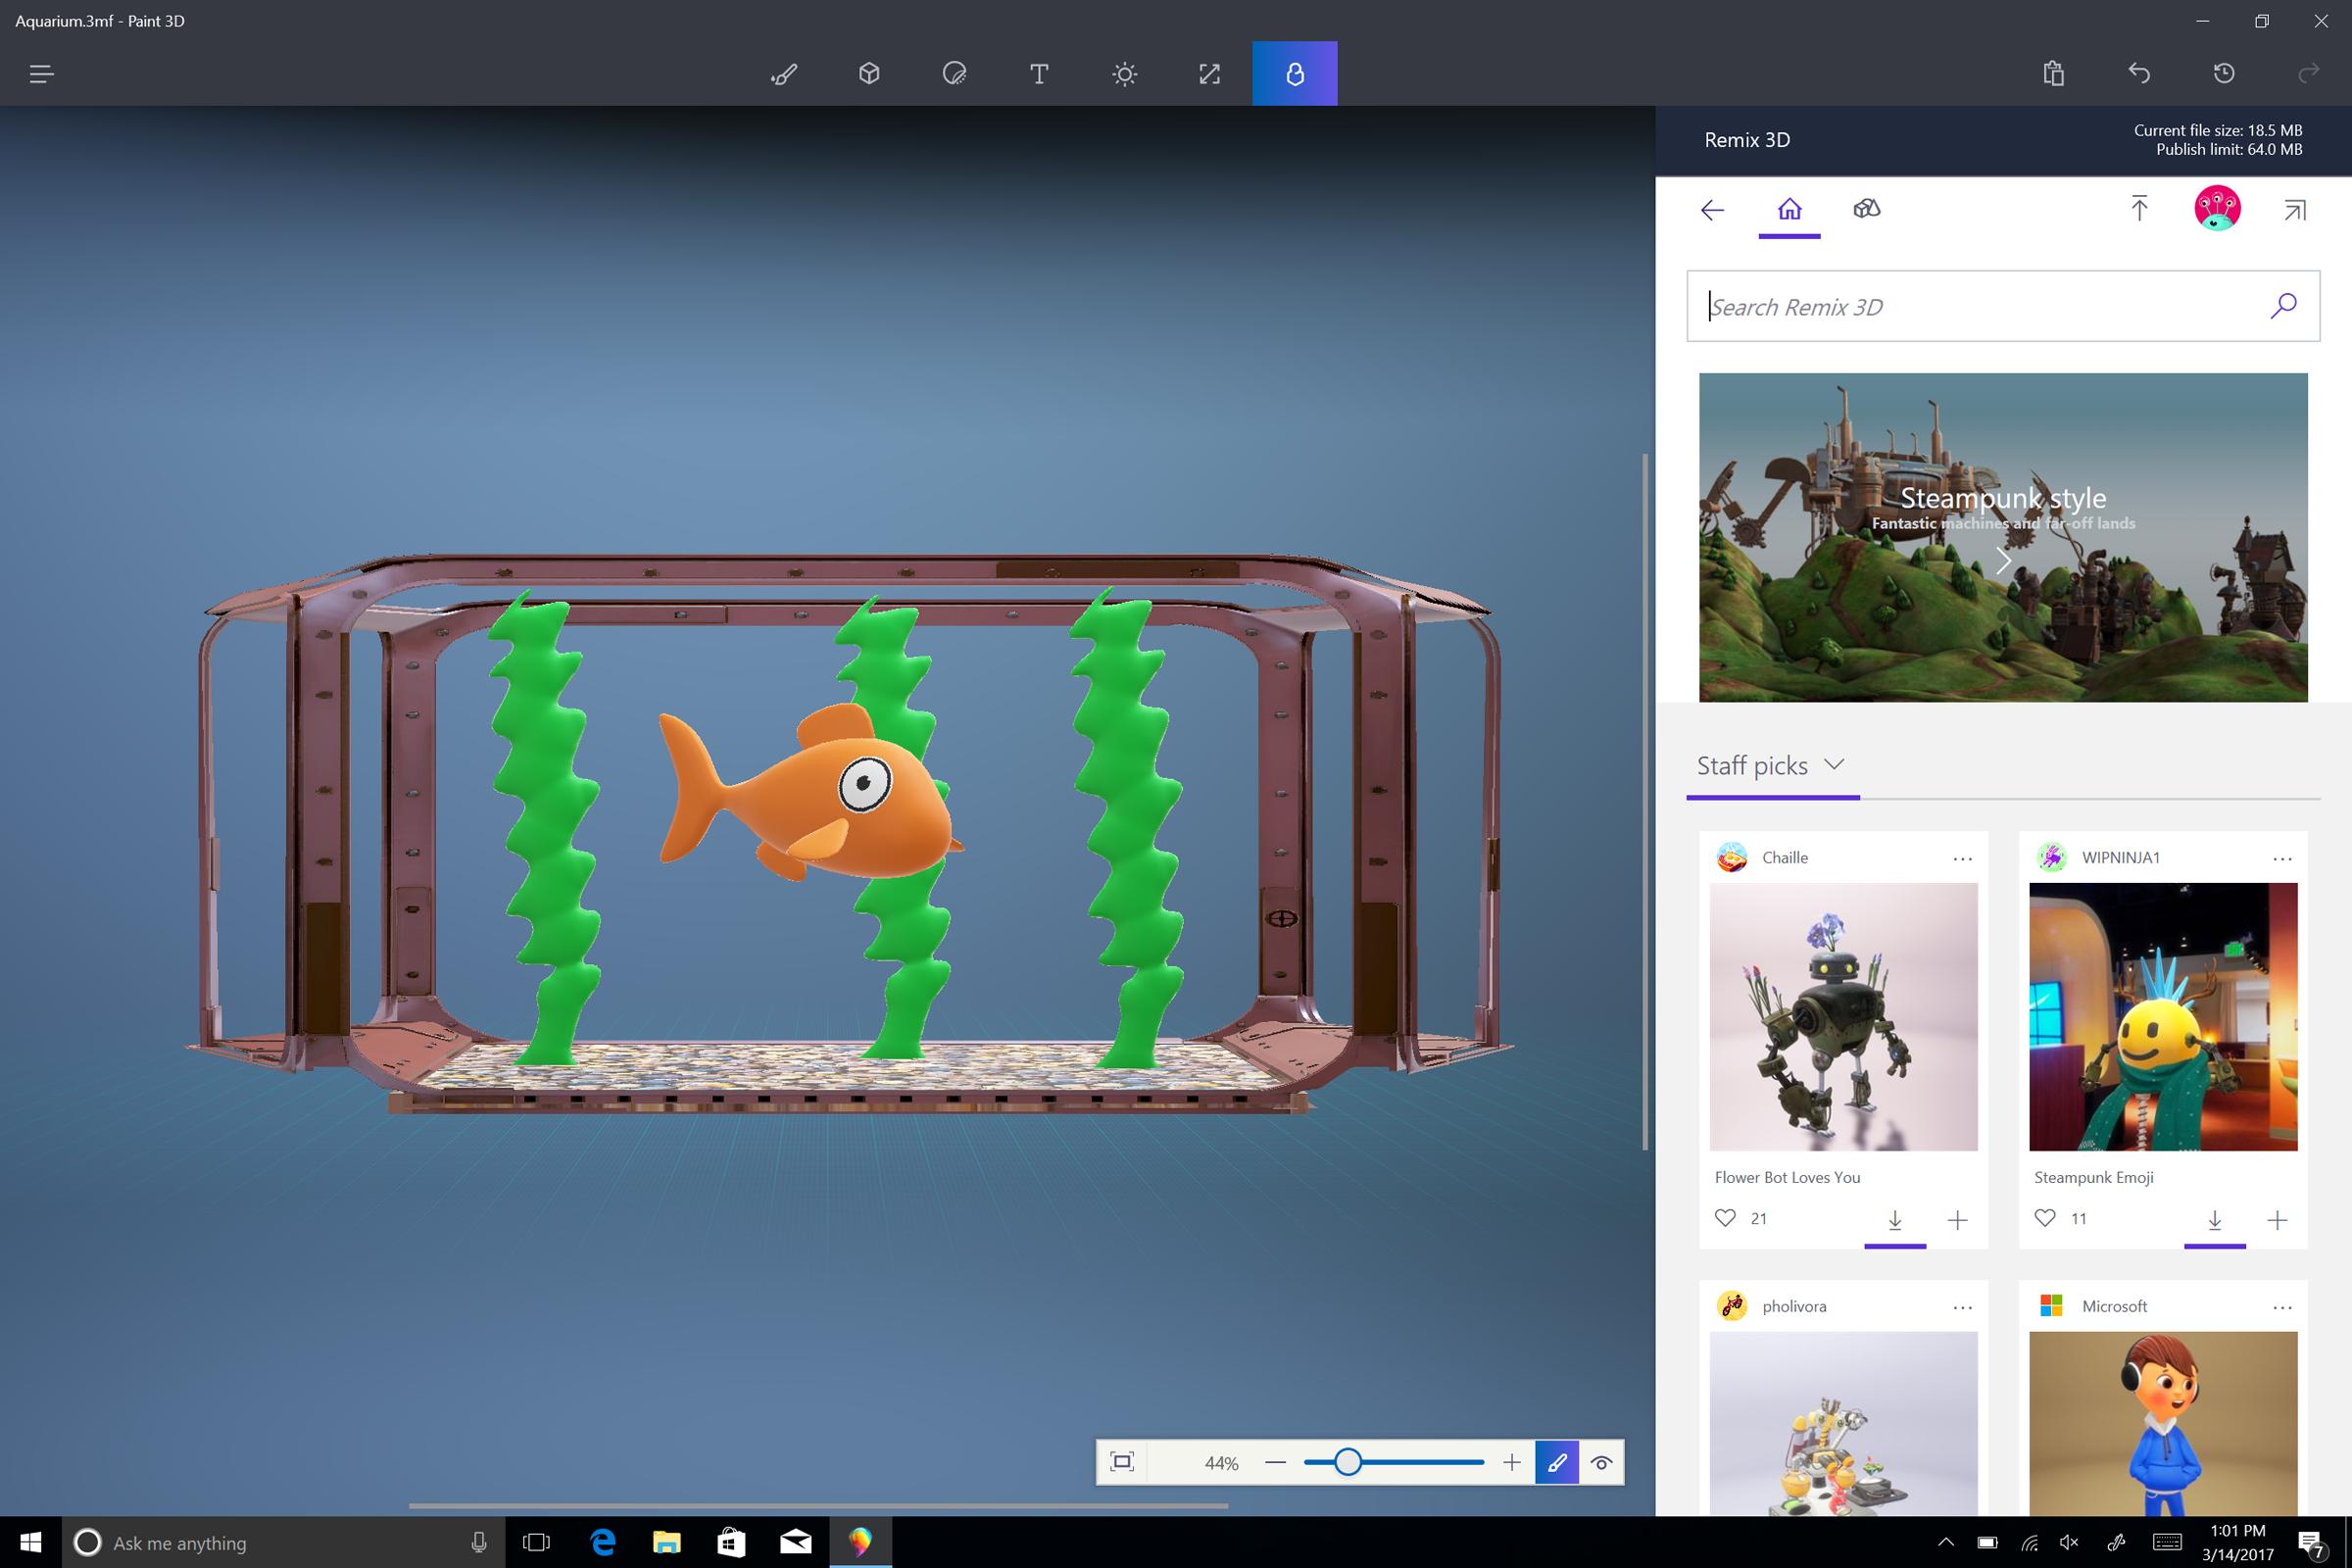 Windows 10 Creators Update provoque des bugs sur certains PC